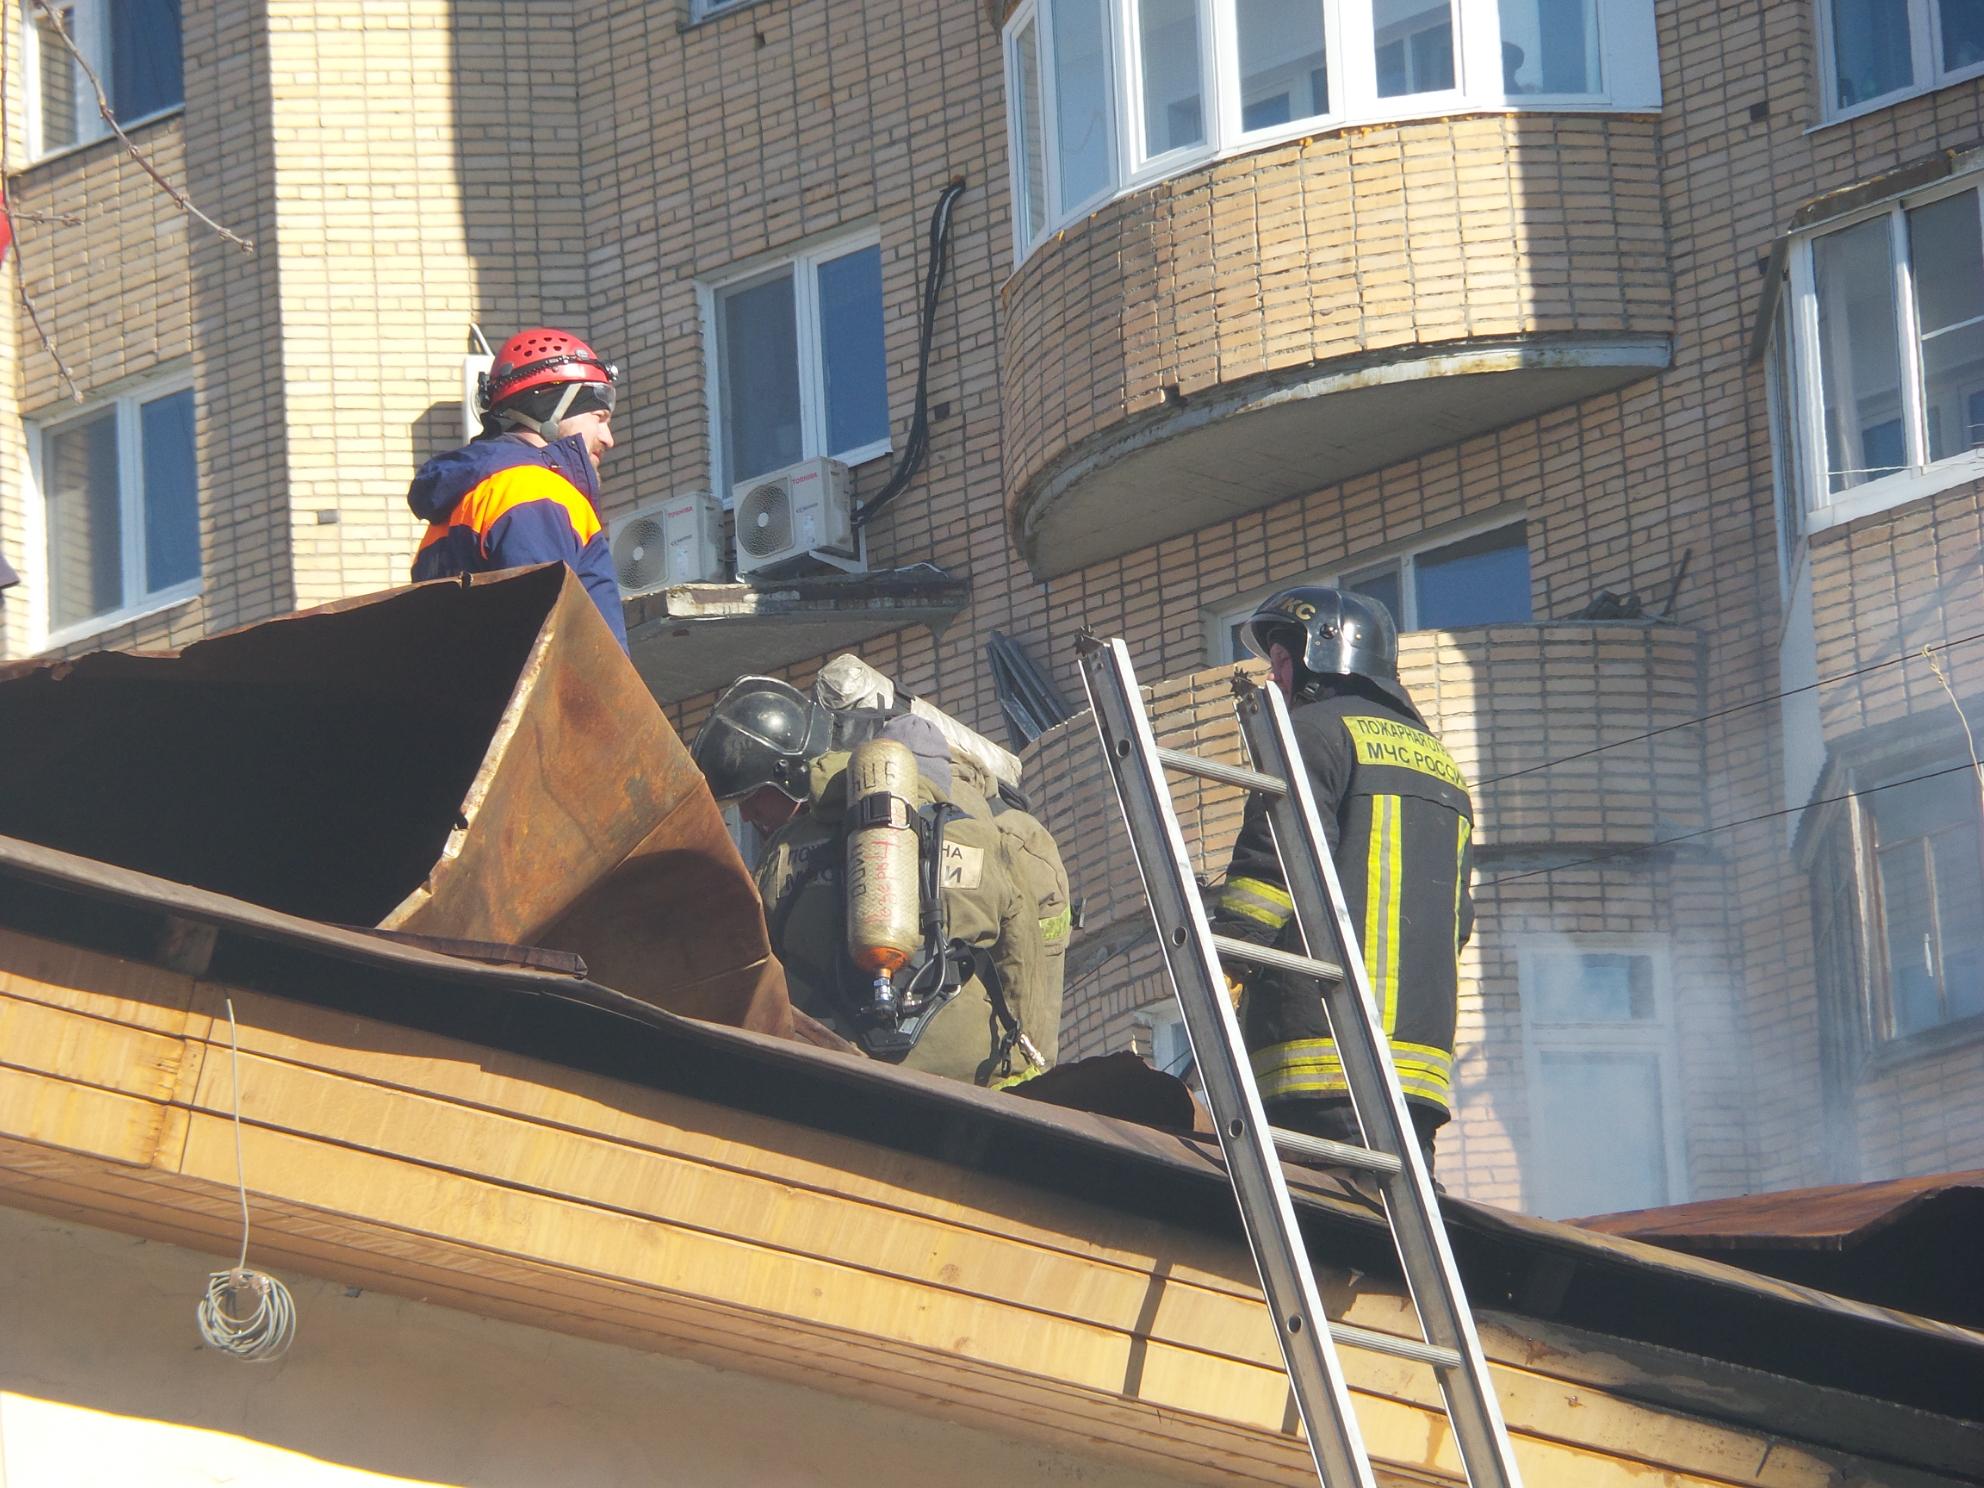 В центре Екатеринбурга горит жилой дом. Спасатели обнаружили тело одного погибшего